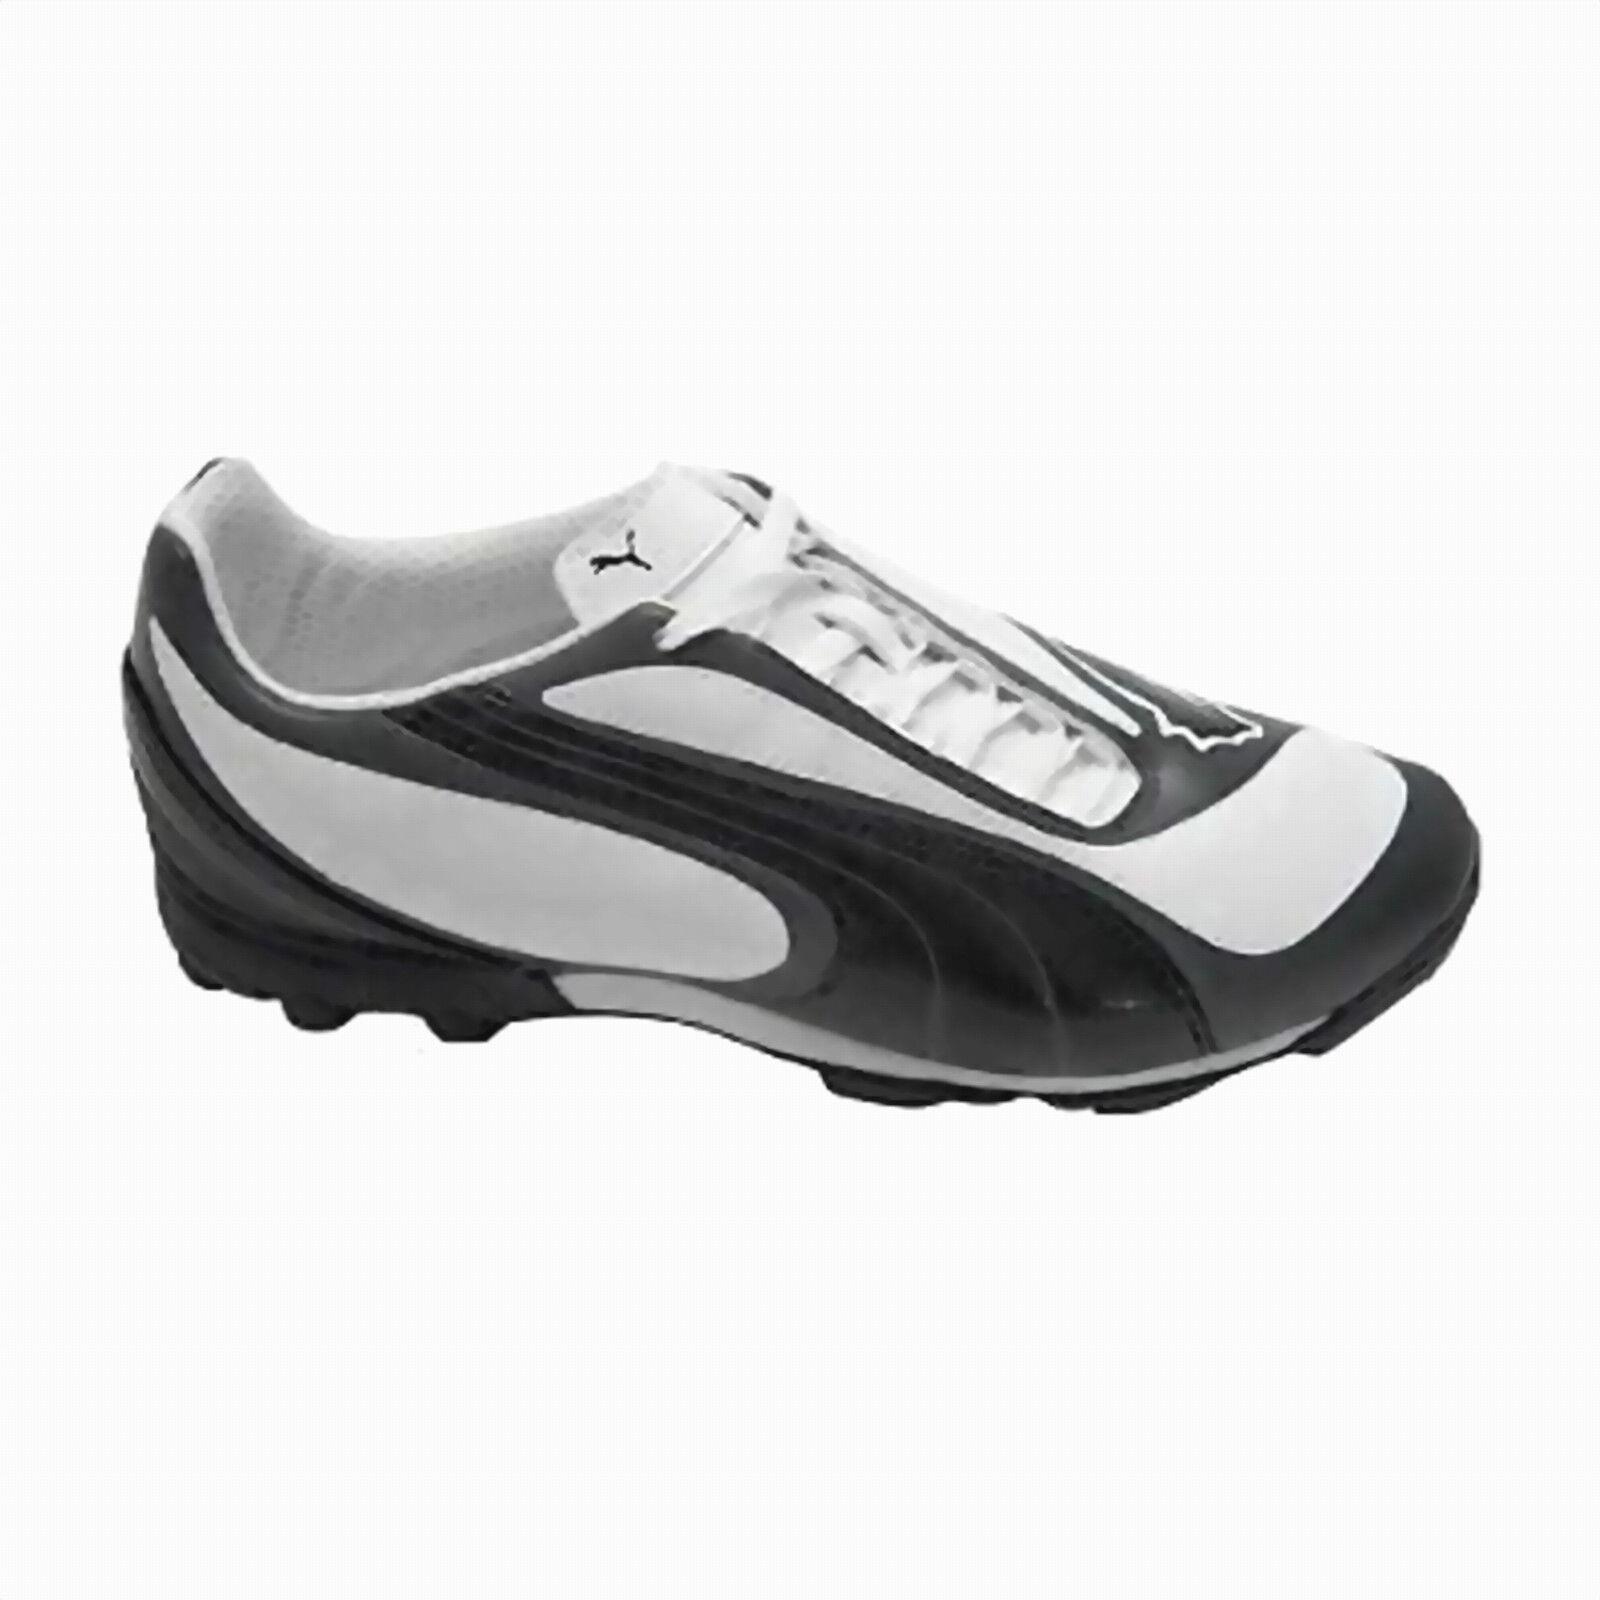 Sportschuhe Fussballschuhe Puma Schuhe Puma Fussballschuhe V5.08 Big Cat TT Weiß schwarz Gr 47 1f7fbe